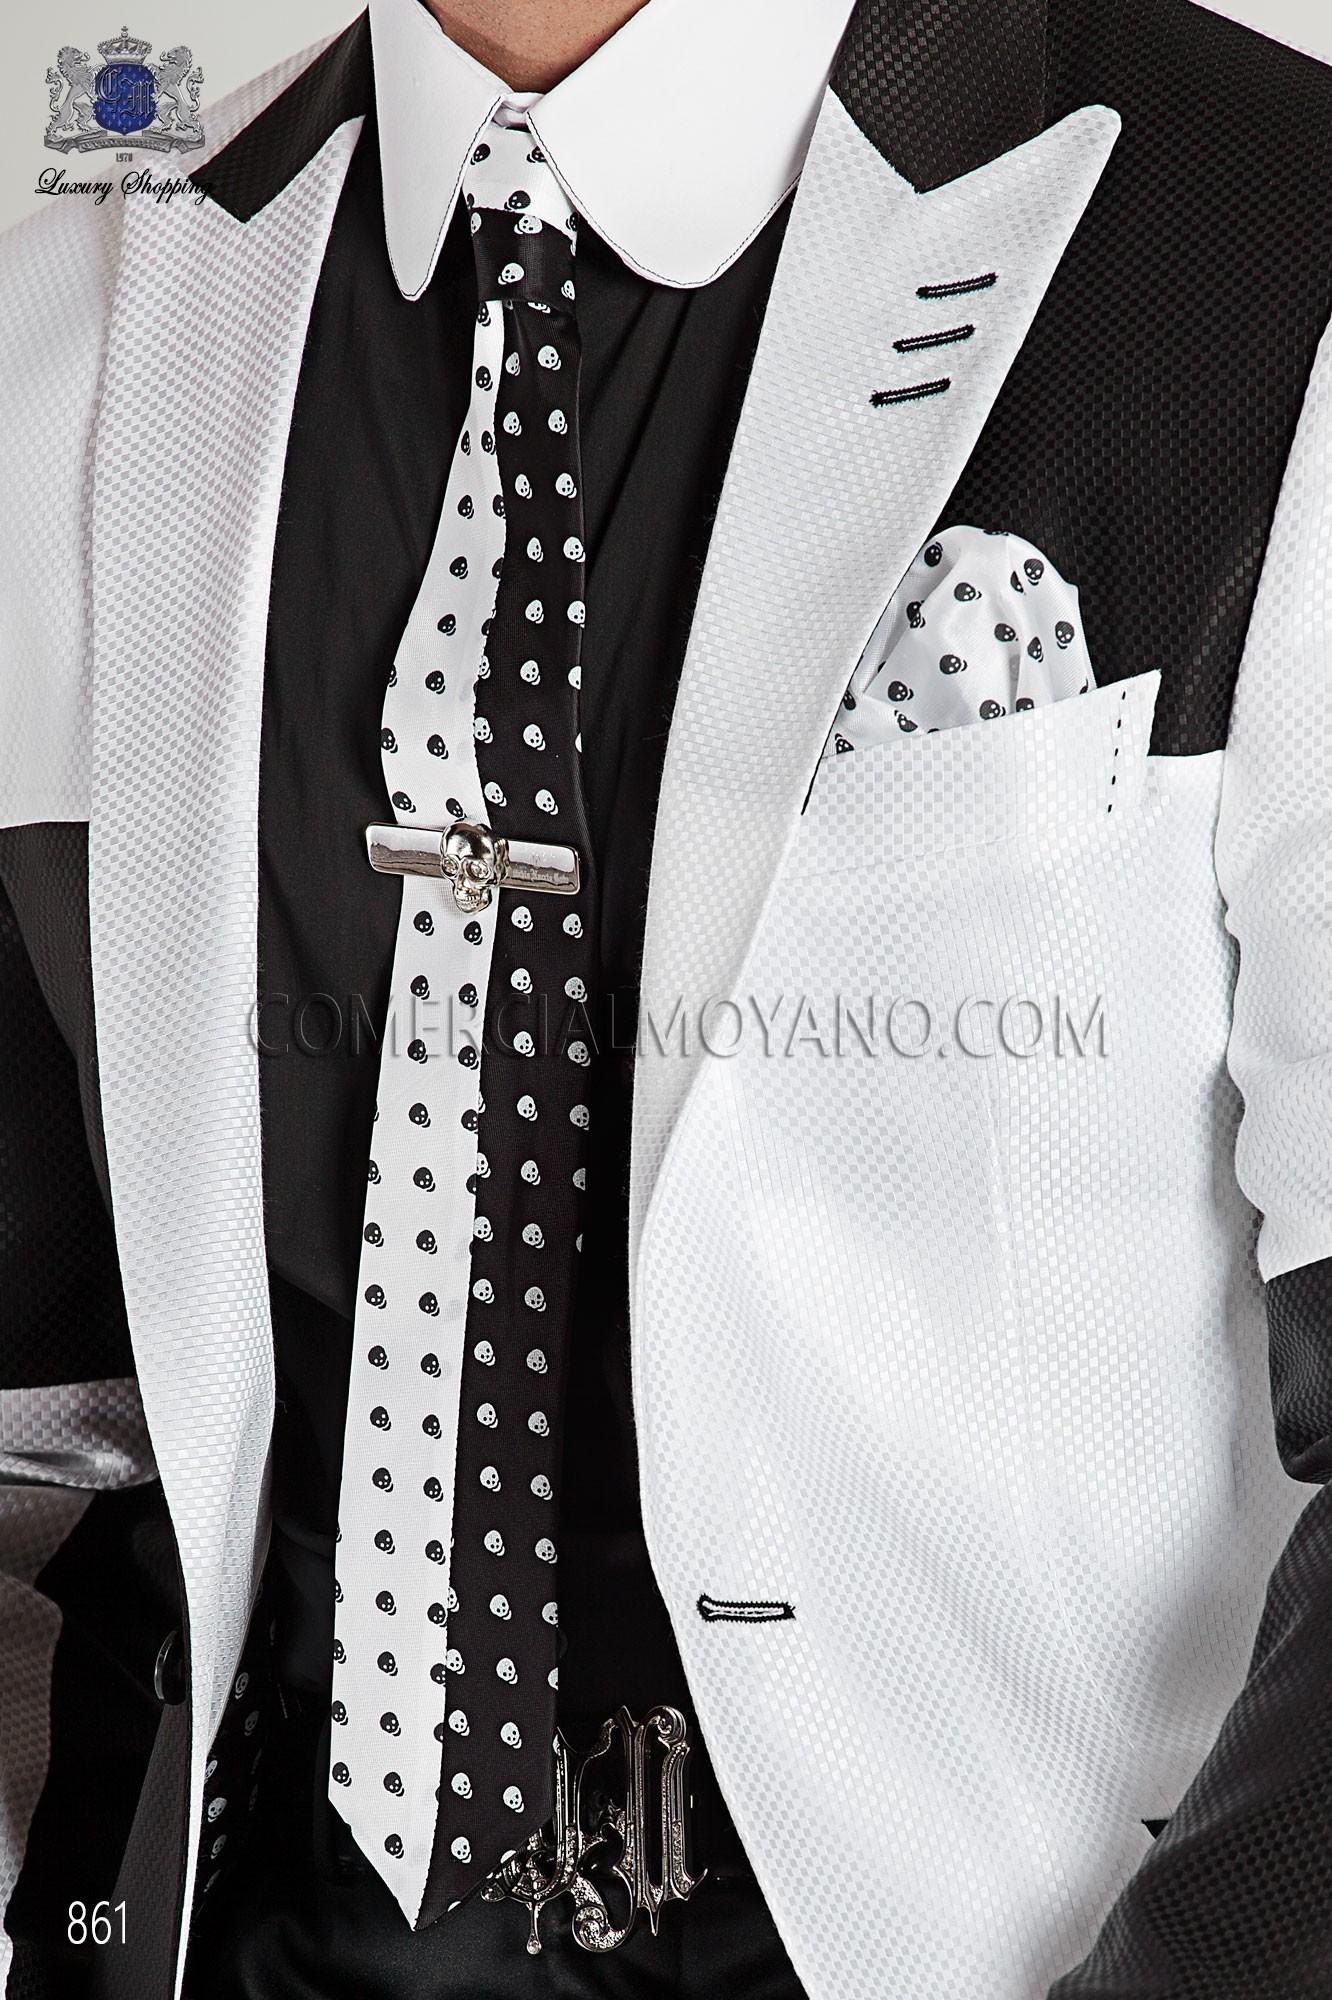 Traje Emotion de novio negro-blanco modelo: 861 Ottavio Nuccio Gala colección Emotion